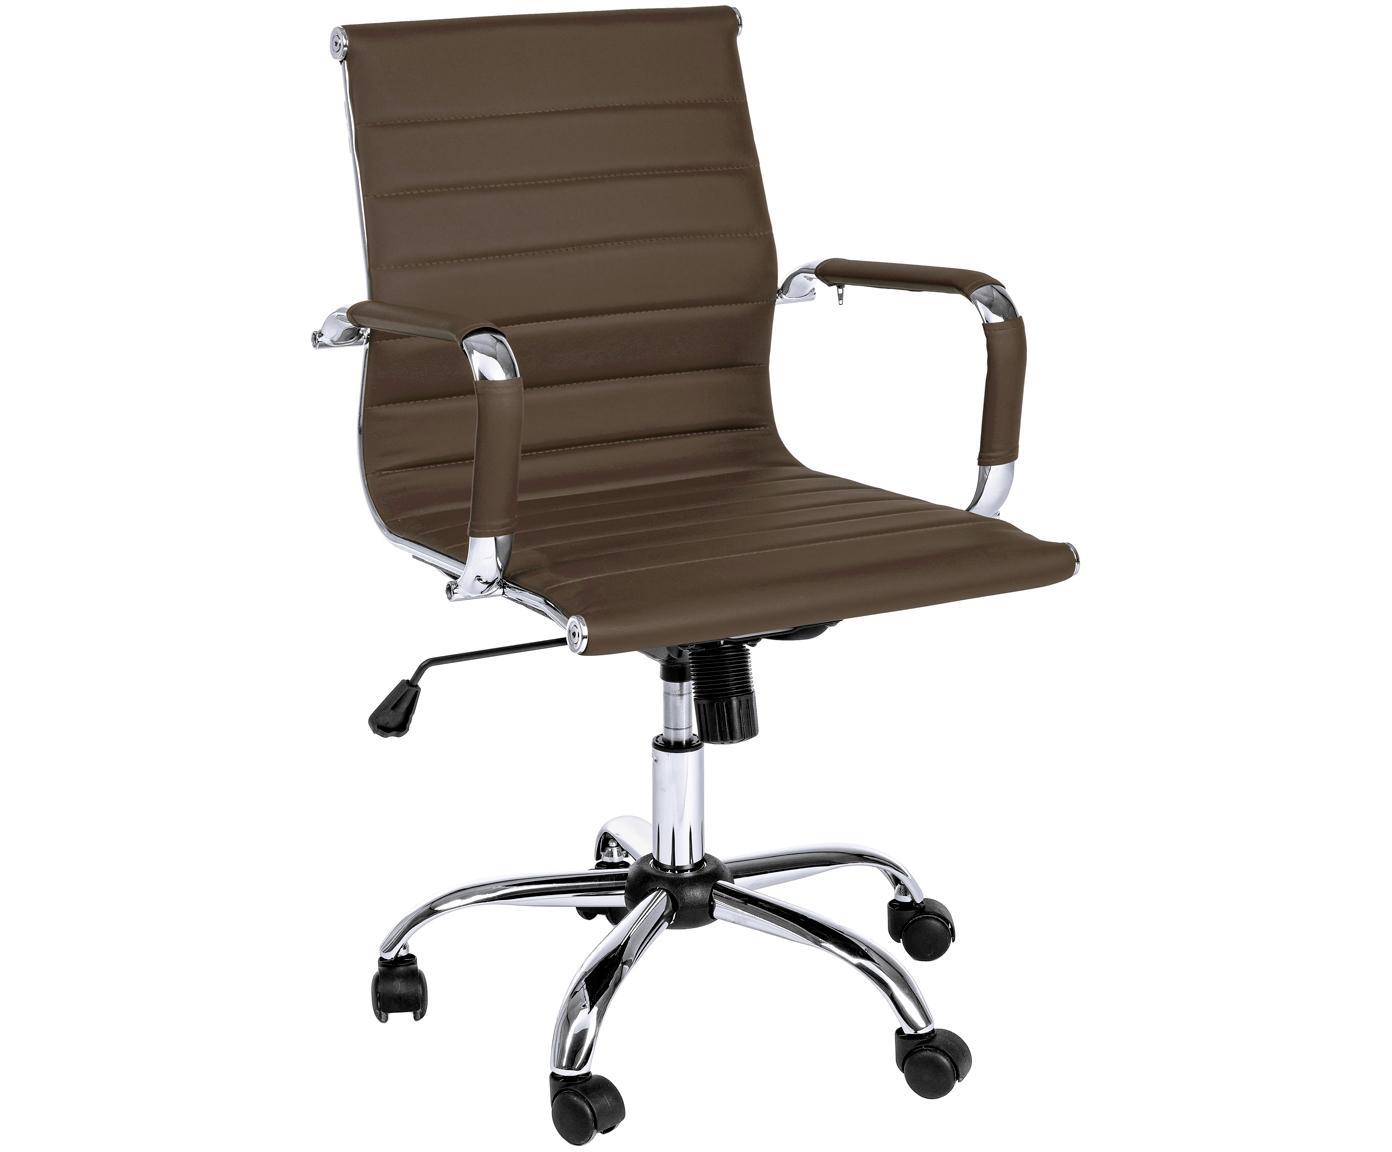 Biurowe krzesło obrotowe ze sztucznej skóry Praga, Stelaż: metal chromowany, Tapicerka: sztuczna skóra (poliureta, Brązowy, S 59 x W 89 cm